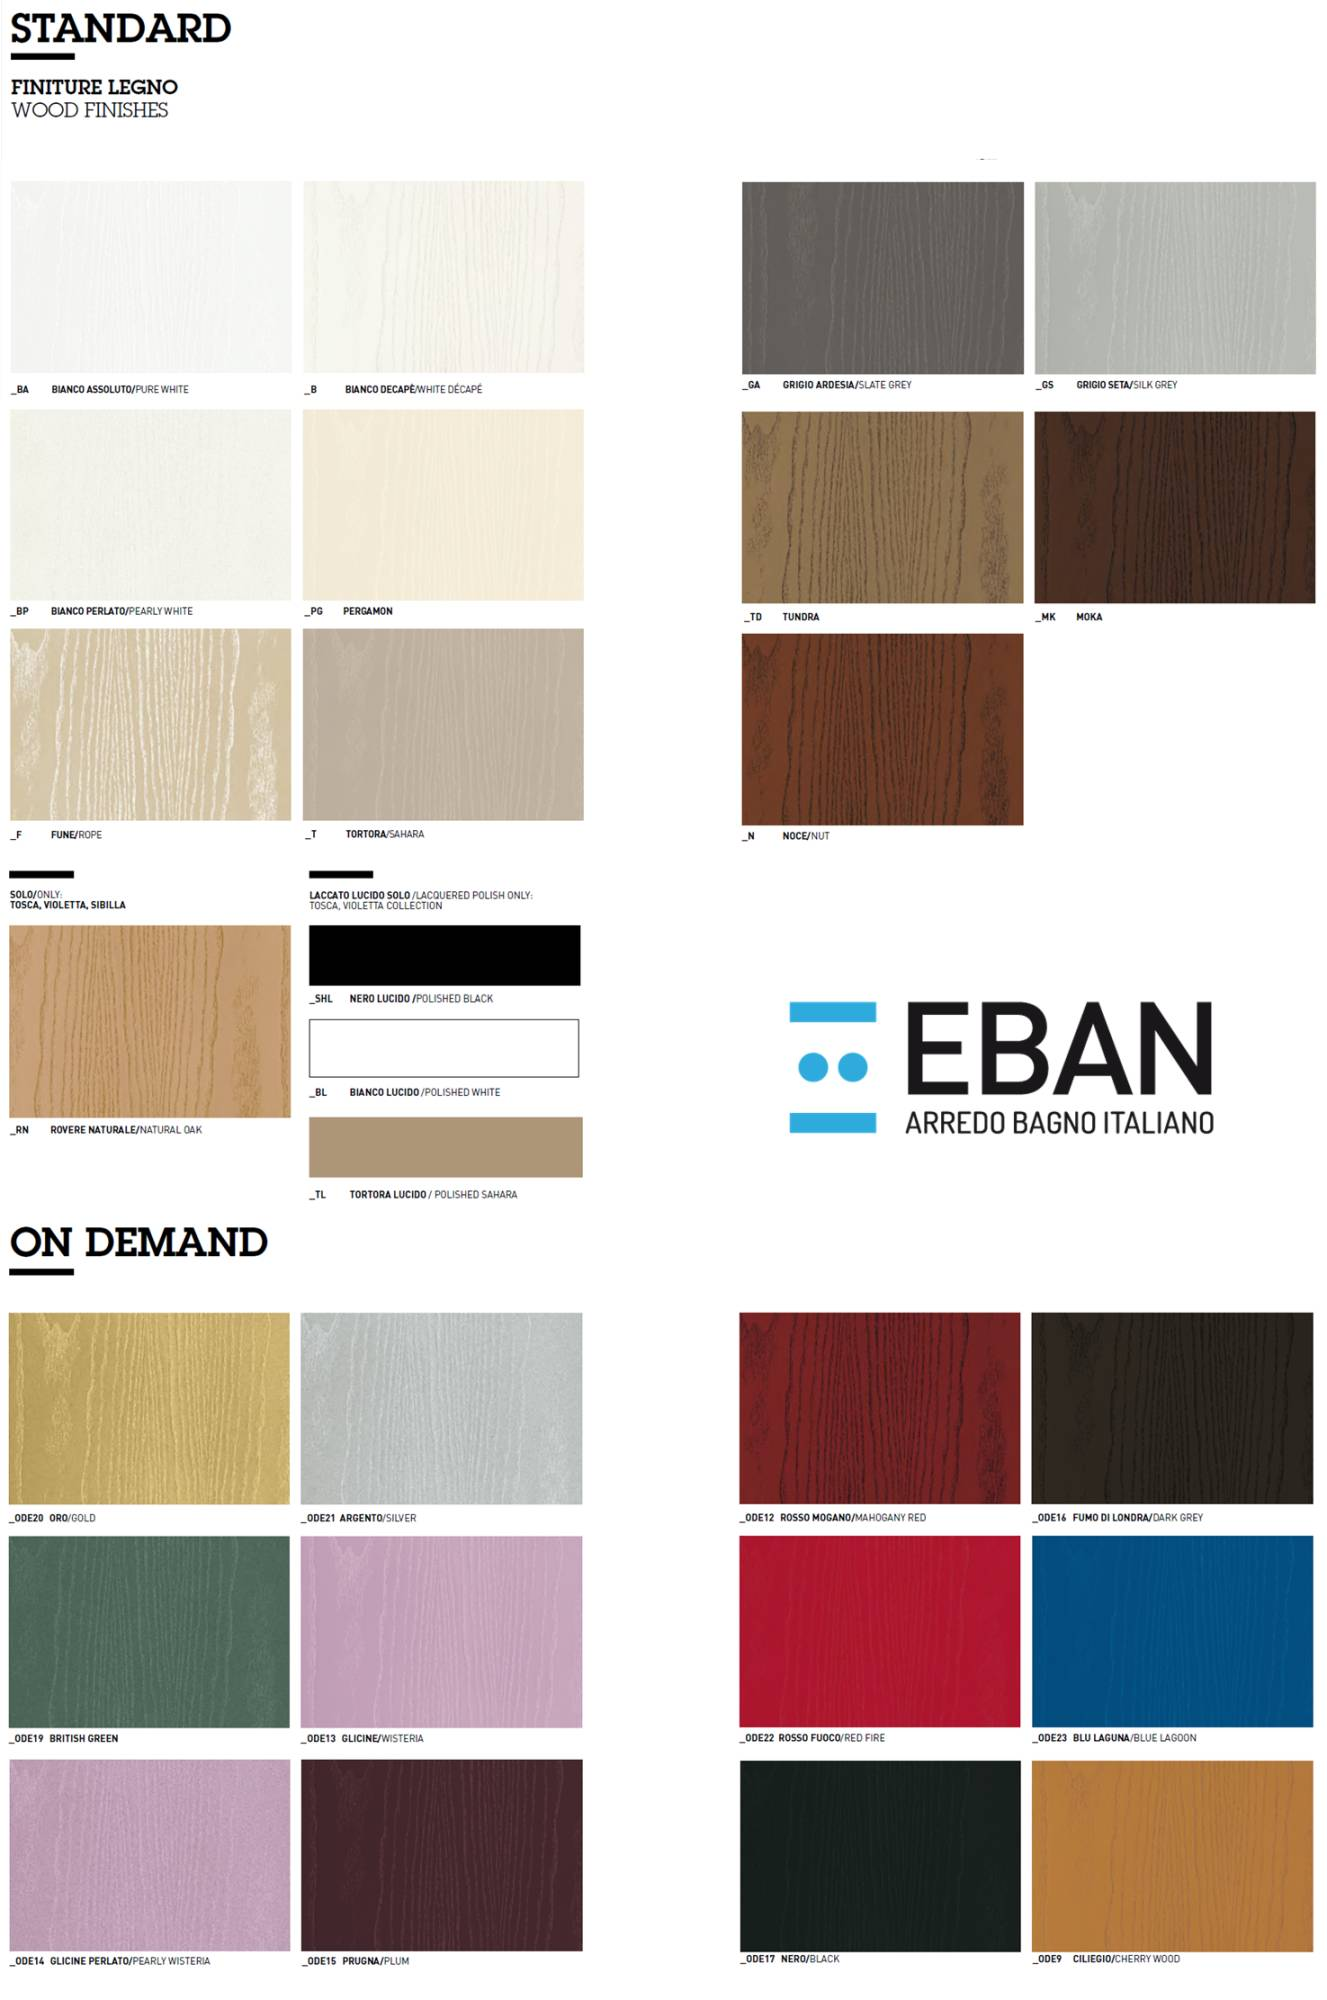 tabella_colori_mobili_da_bagno_eban_in_legno